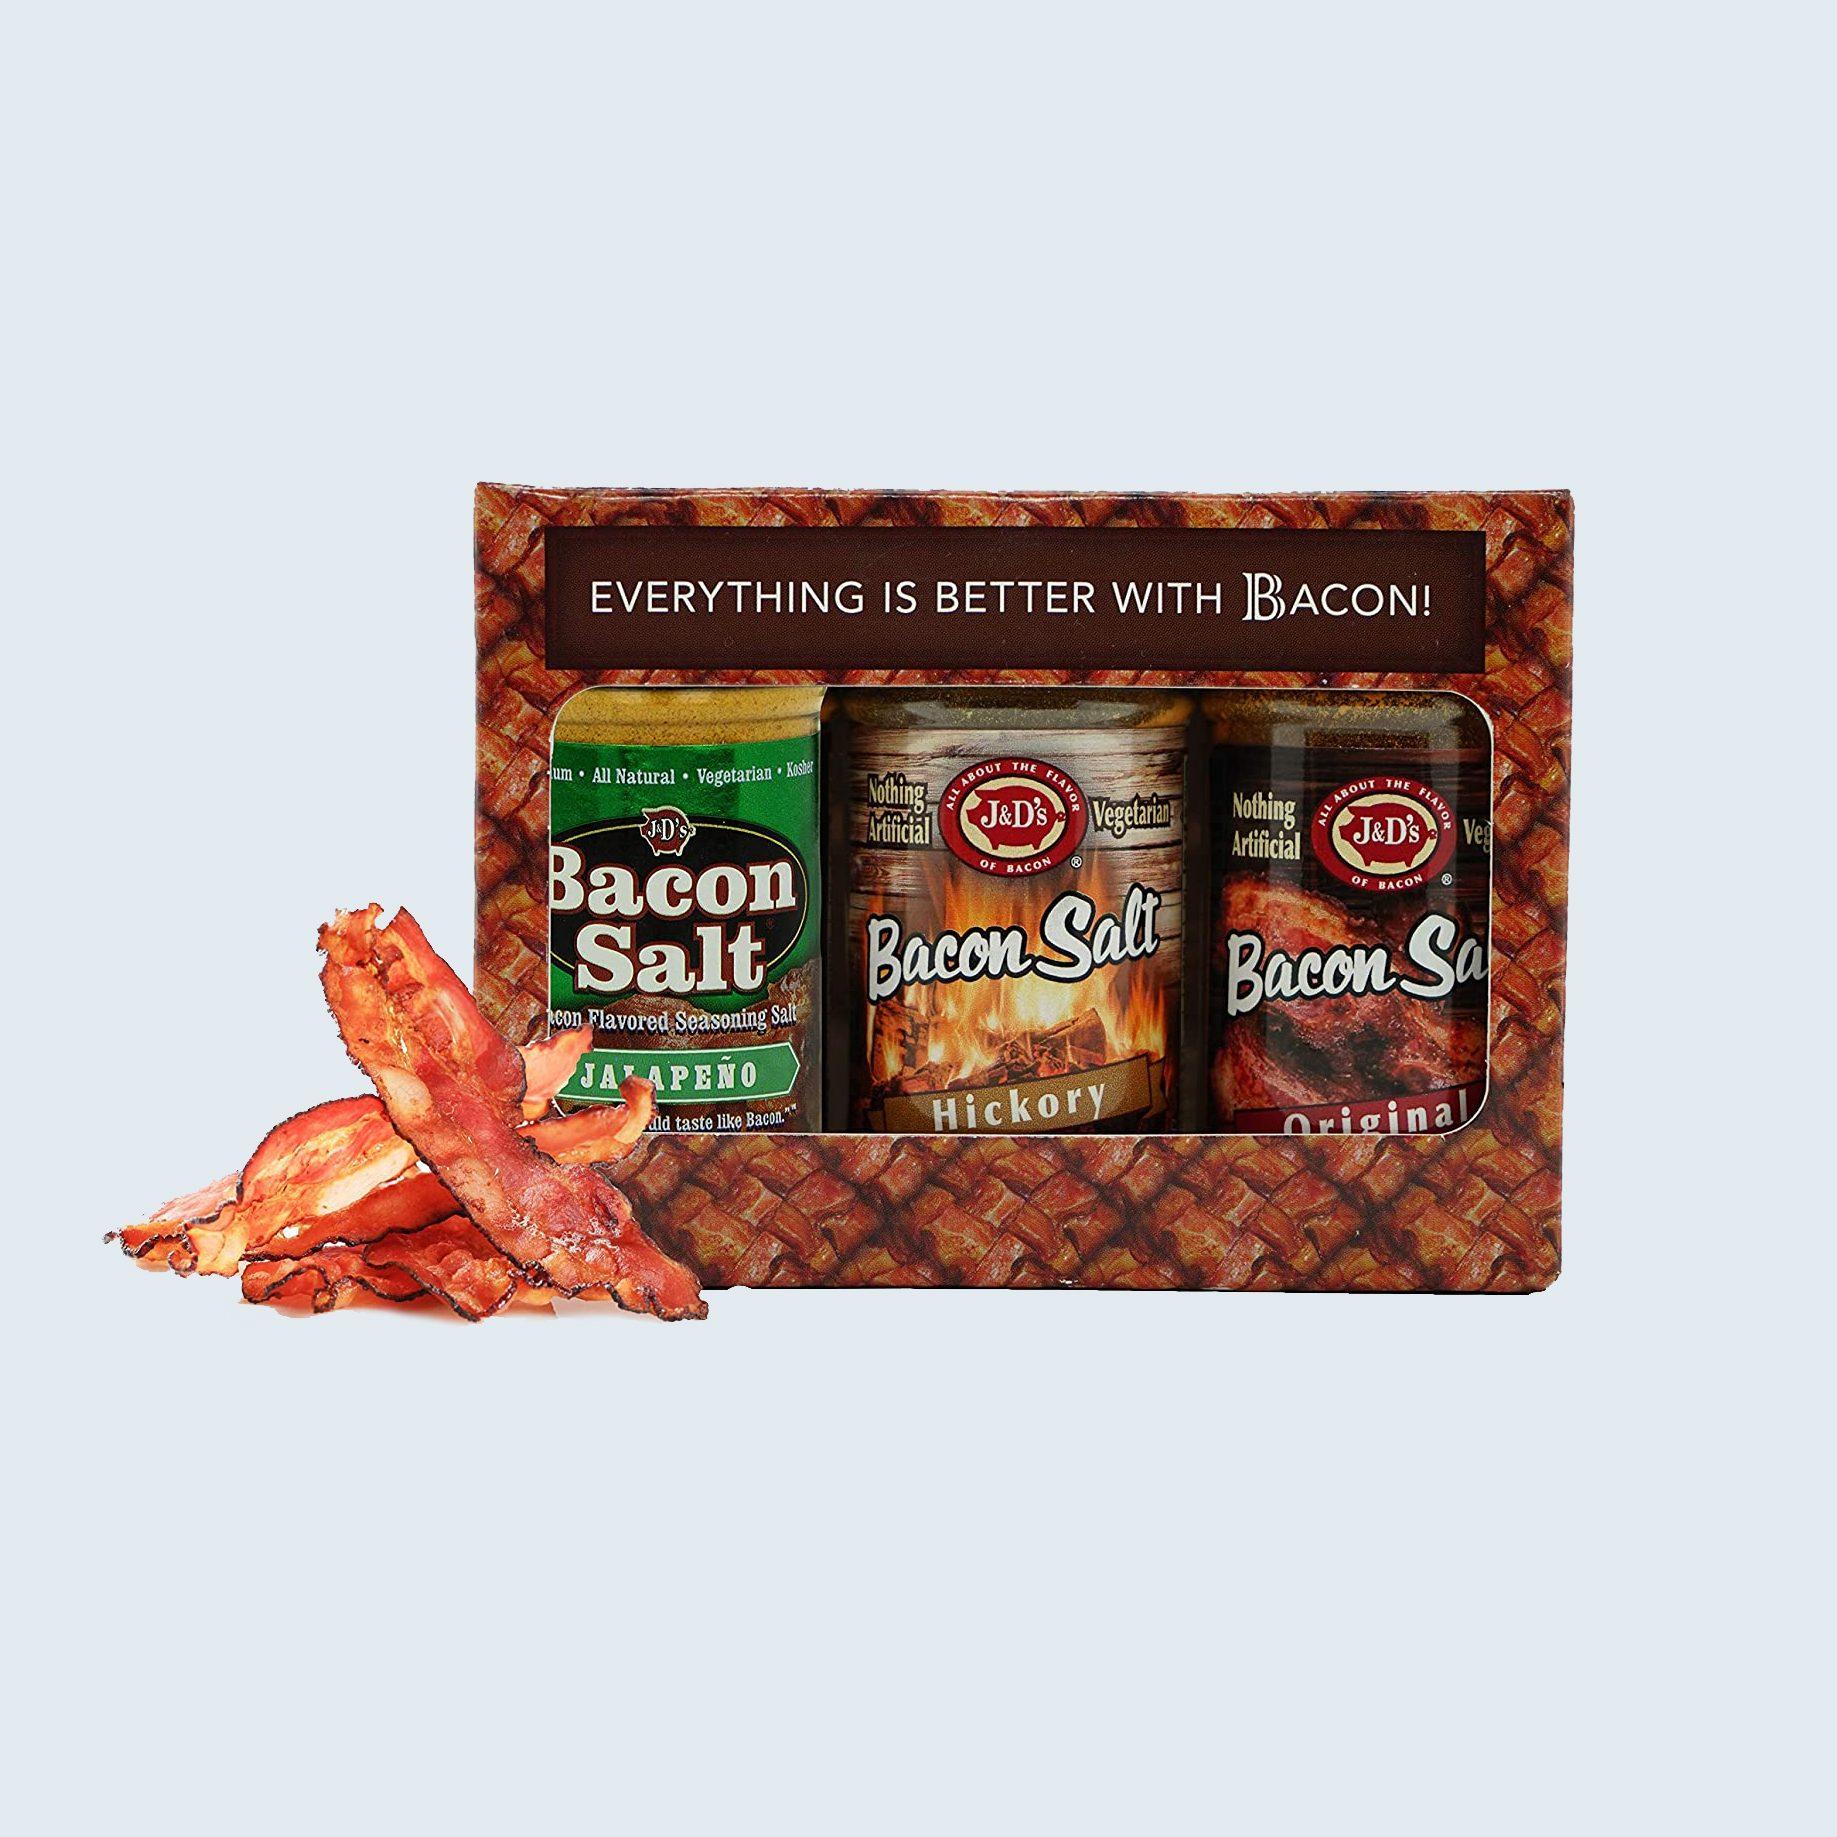 J&D's Bacon Salt Gift Box